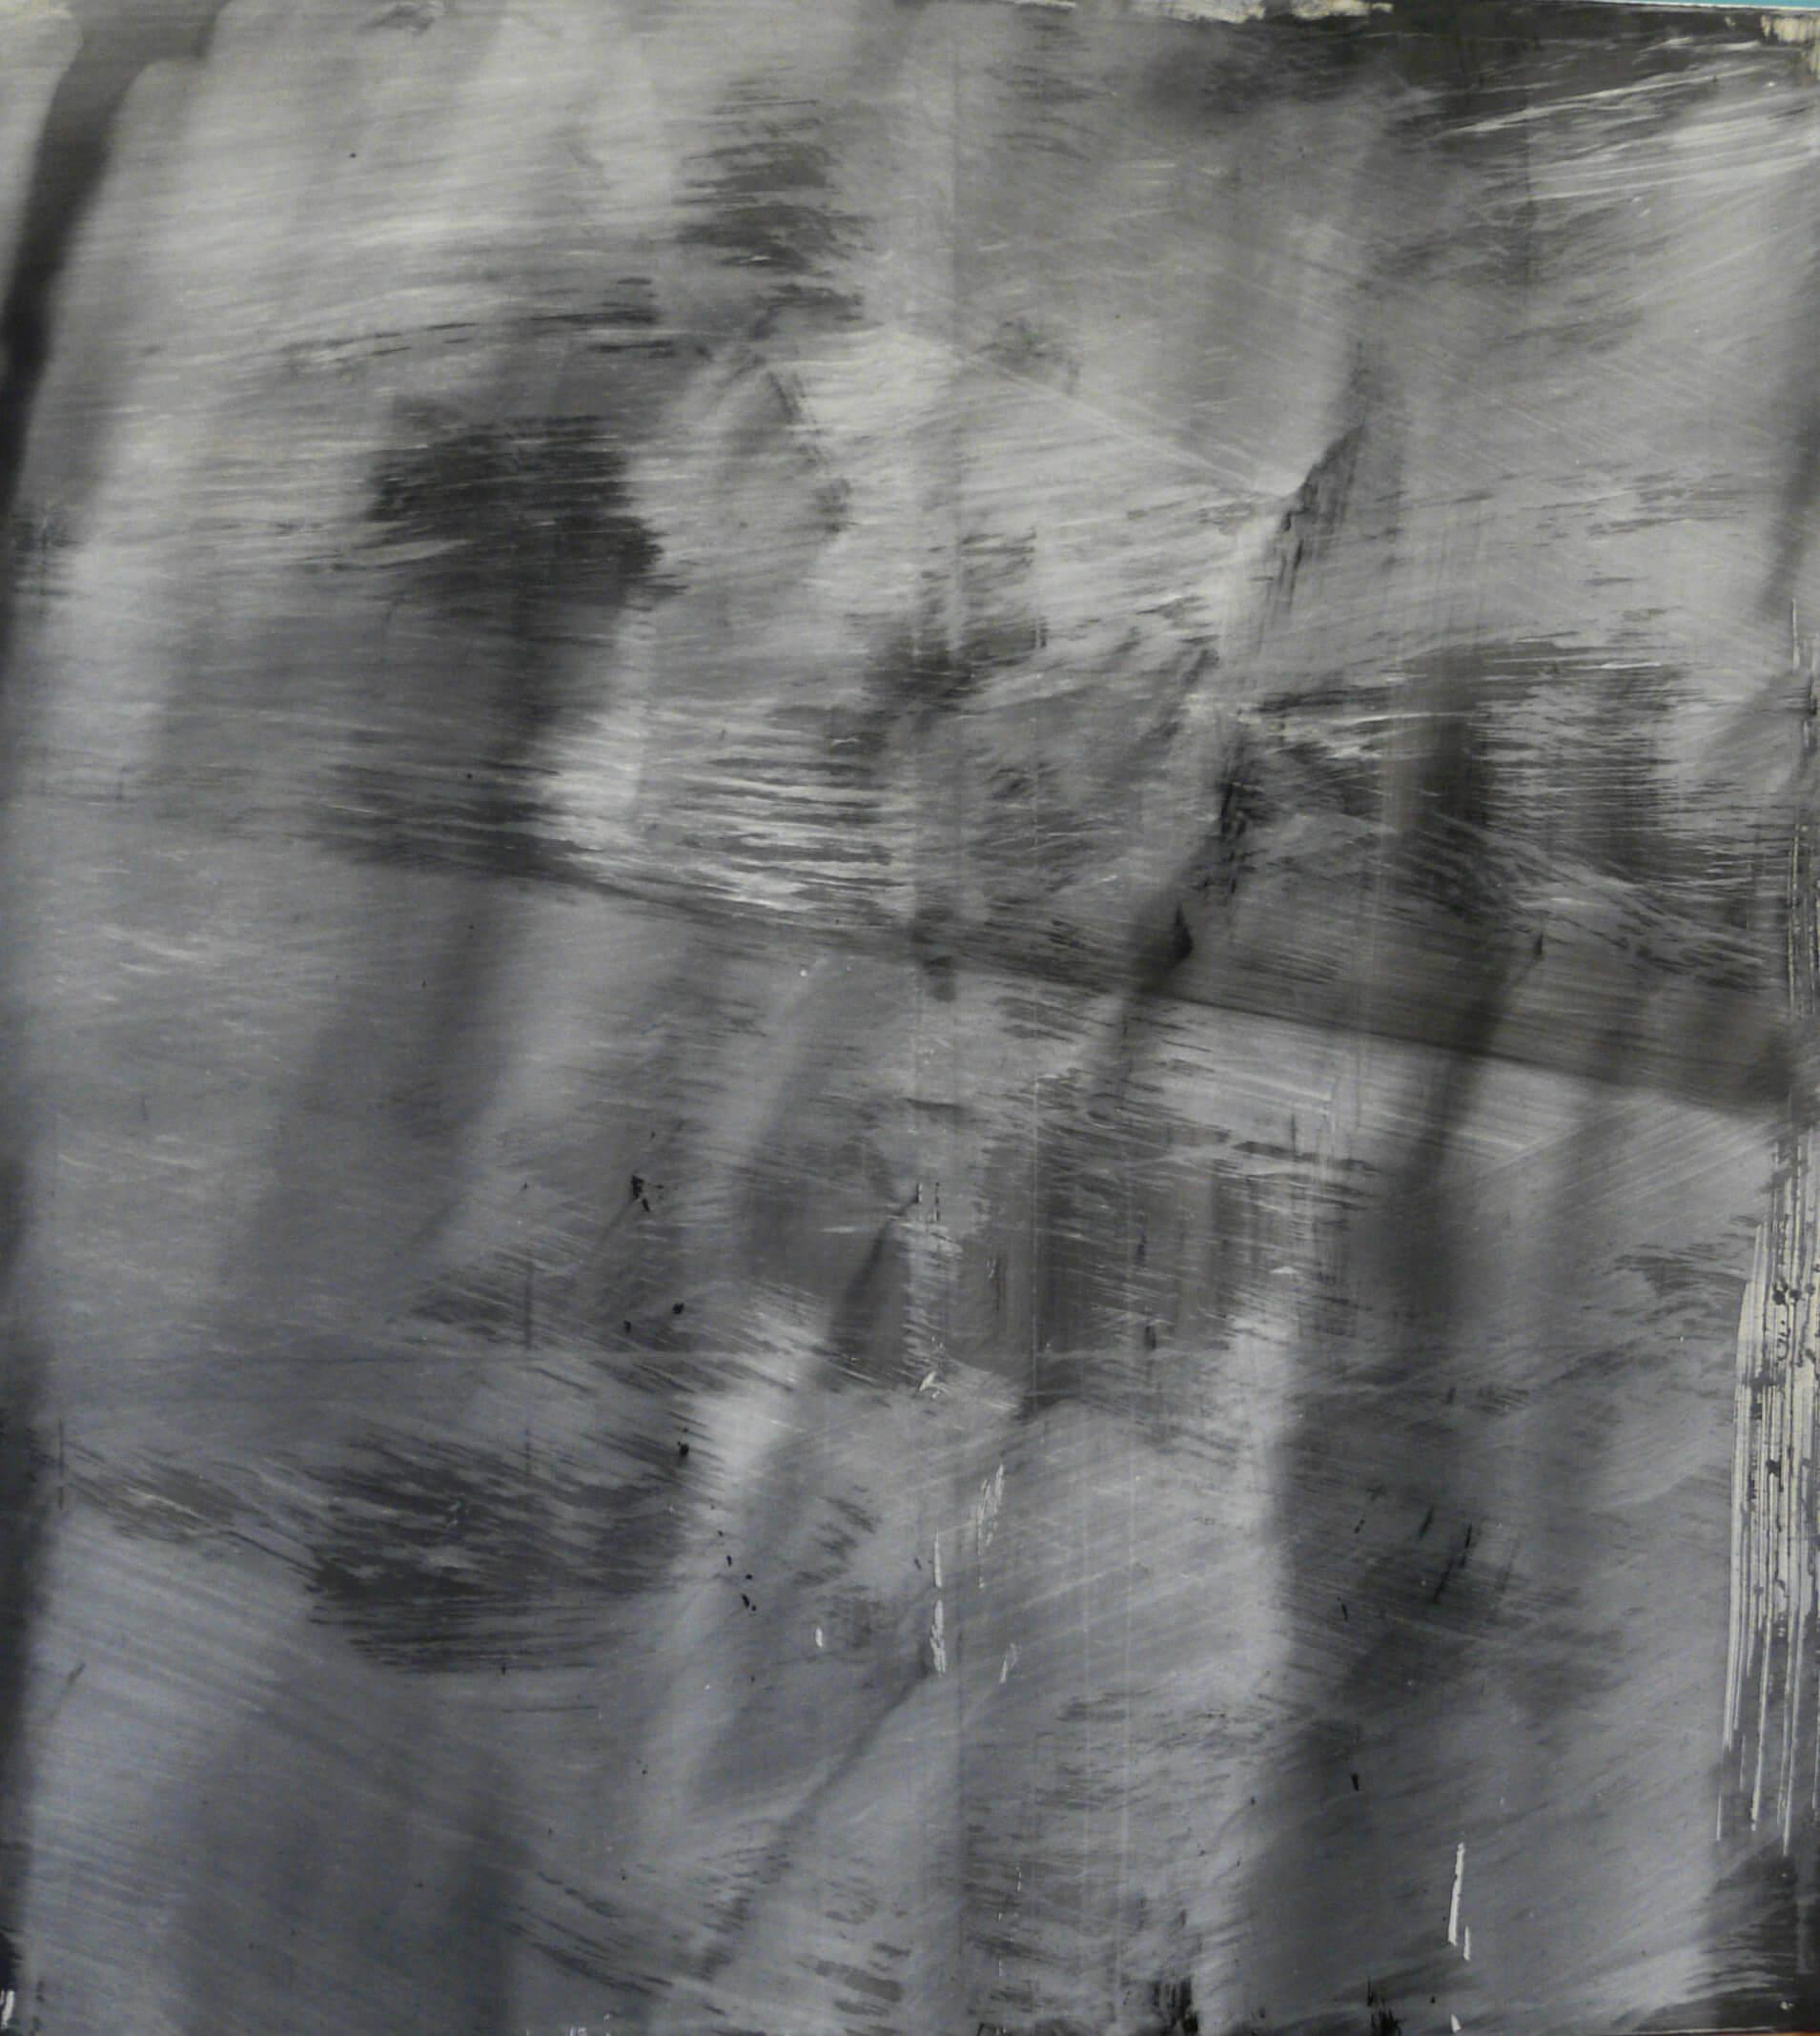 zahmlene makro 210x190cm akryl 2014